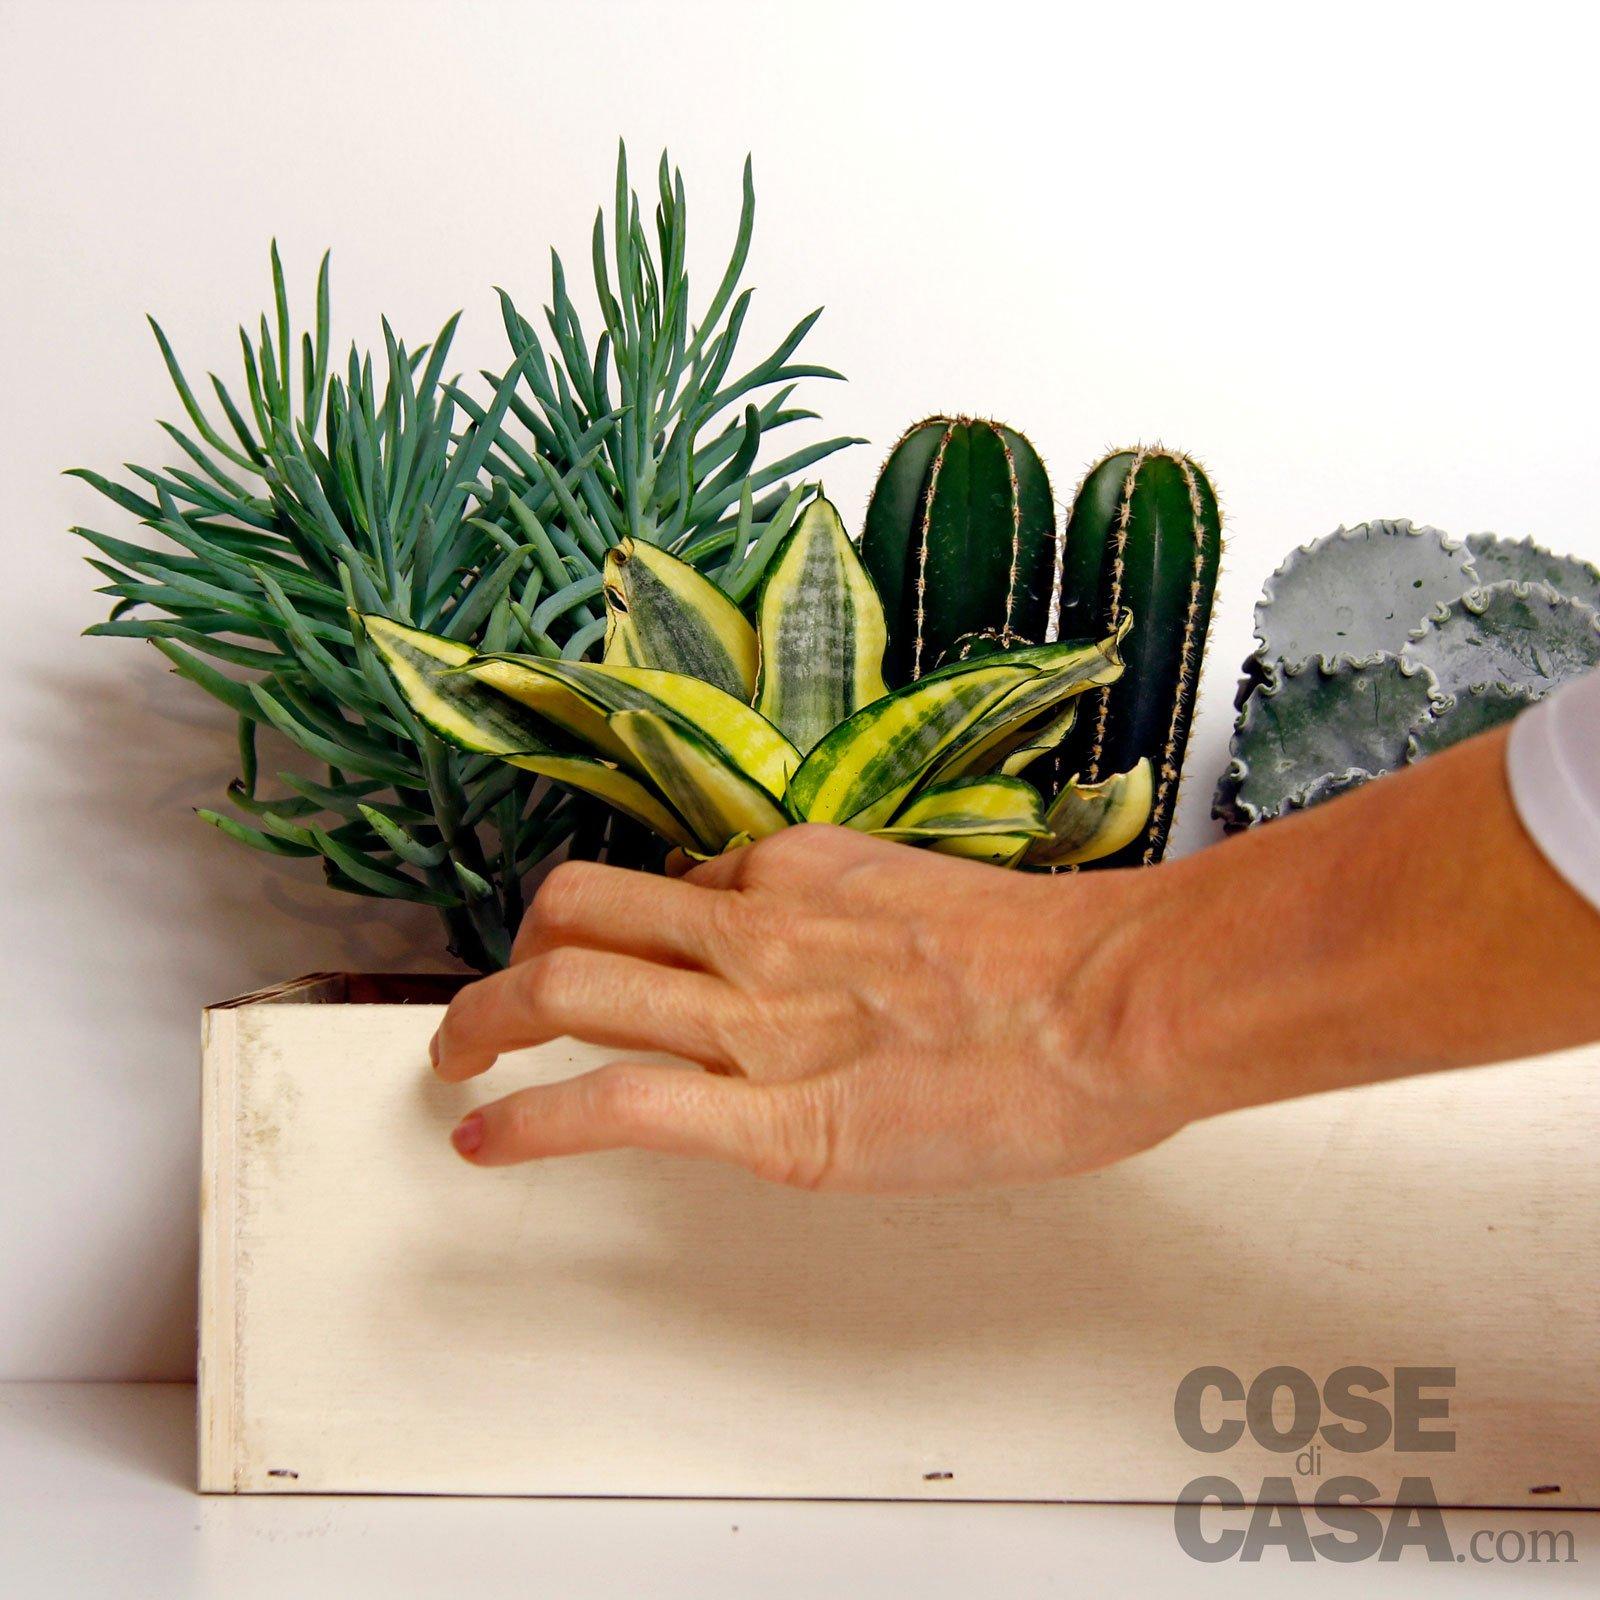 Piante Grasse Piccole Prezzi piante grasse: una composizione facile. come realizzarla